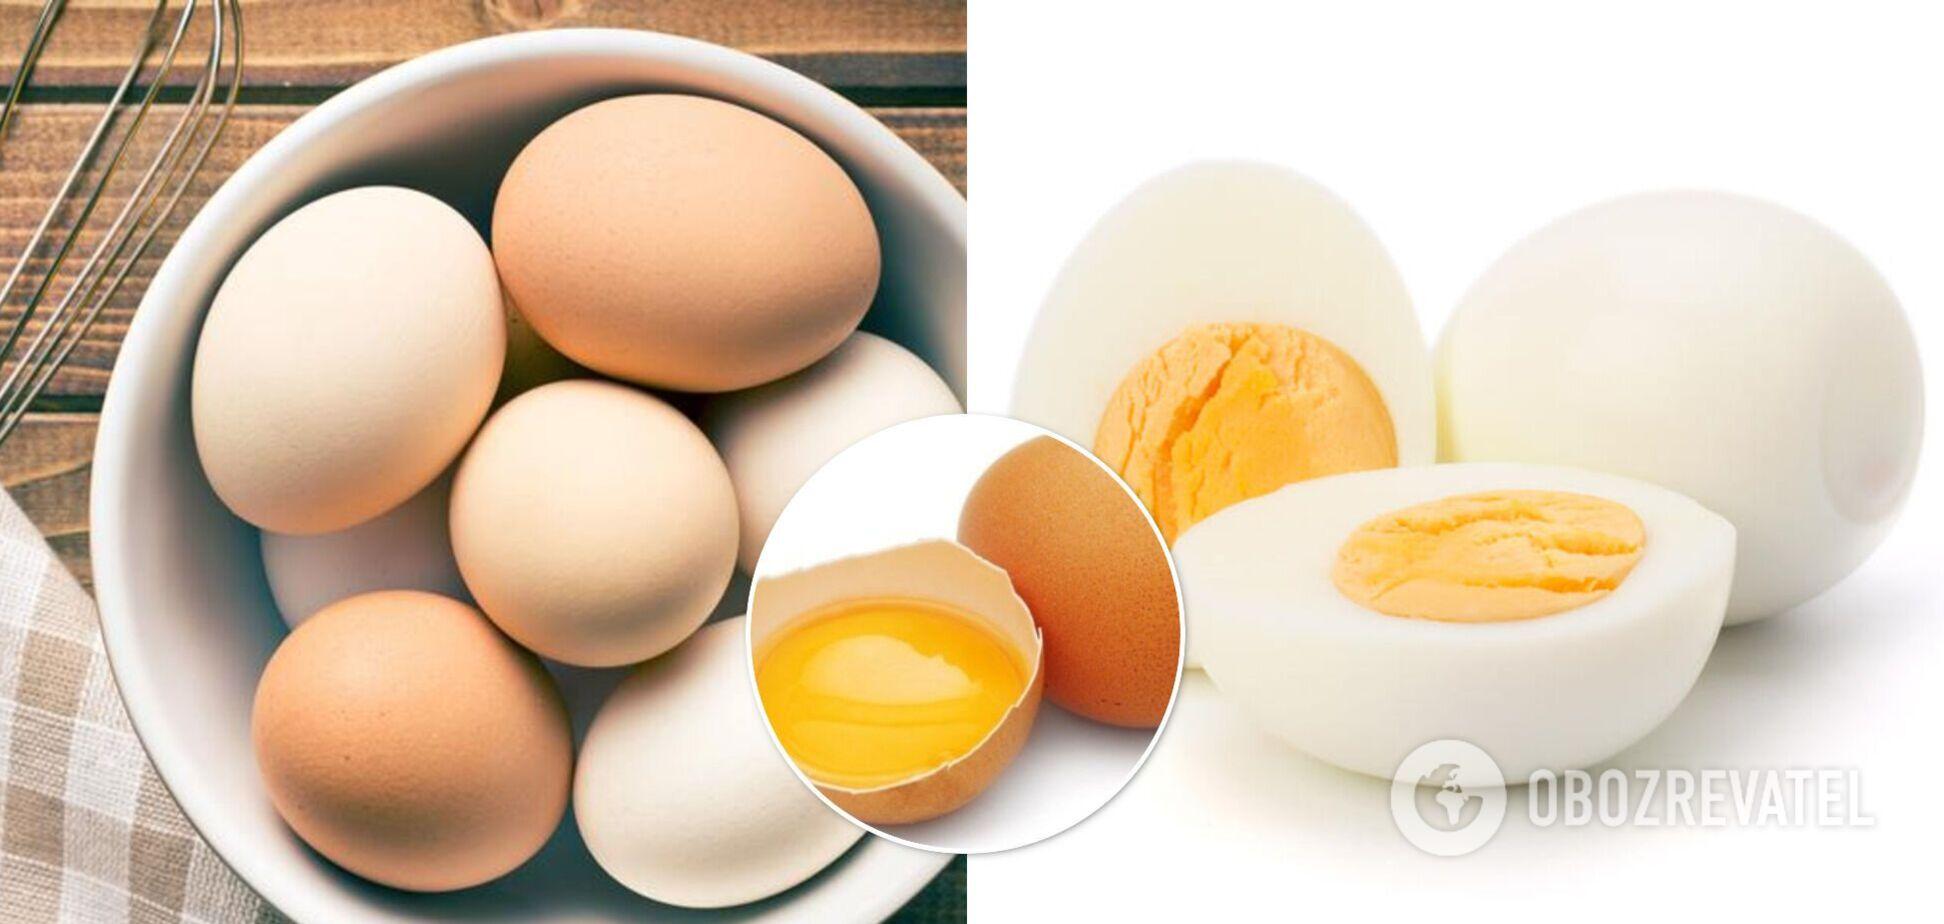 Небезпечний холестерин в яйцях: скільки можна з'їдати в день